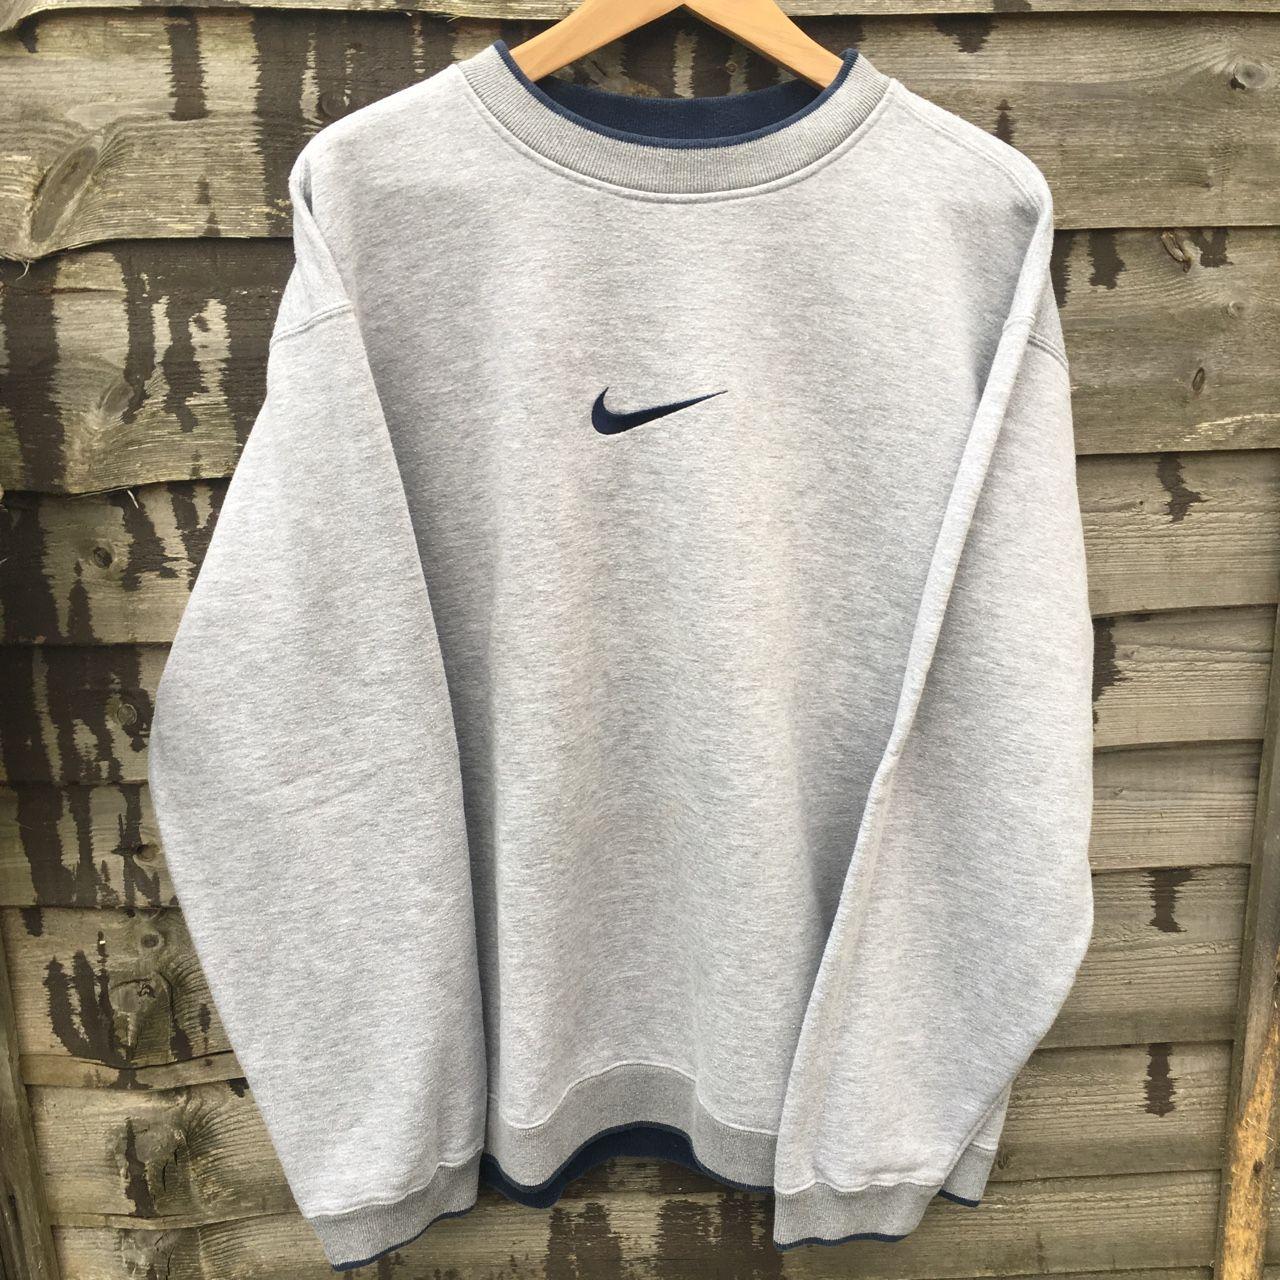 Retro Nike Grey Sweatshirt Size Xl Fits L Xl Depop Vintage Nike Sweatshirt Vintage Hoodies Trendy Hoodies [ 1280 x 1280 Pixel ]